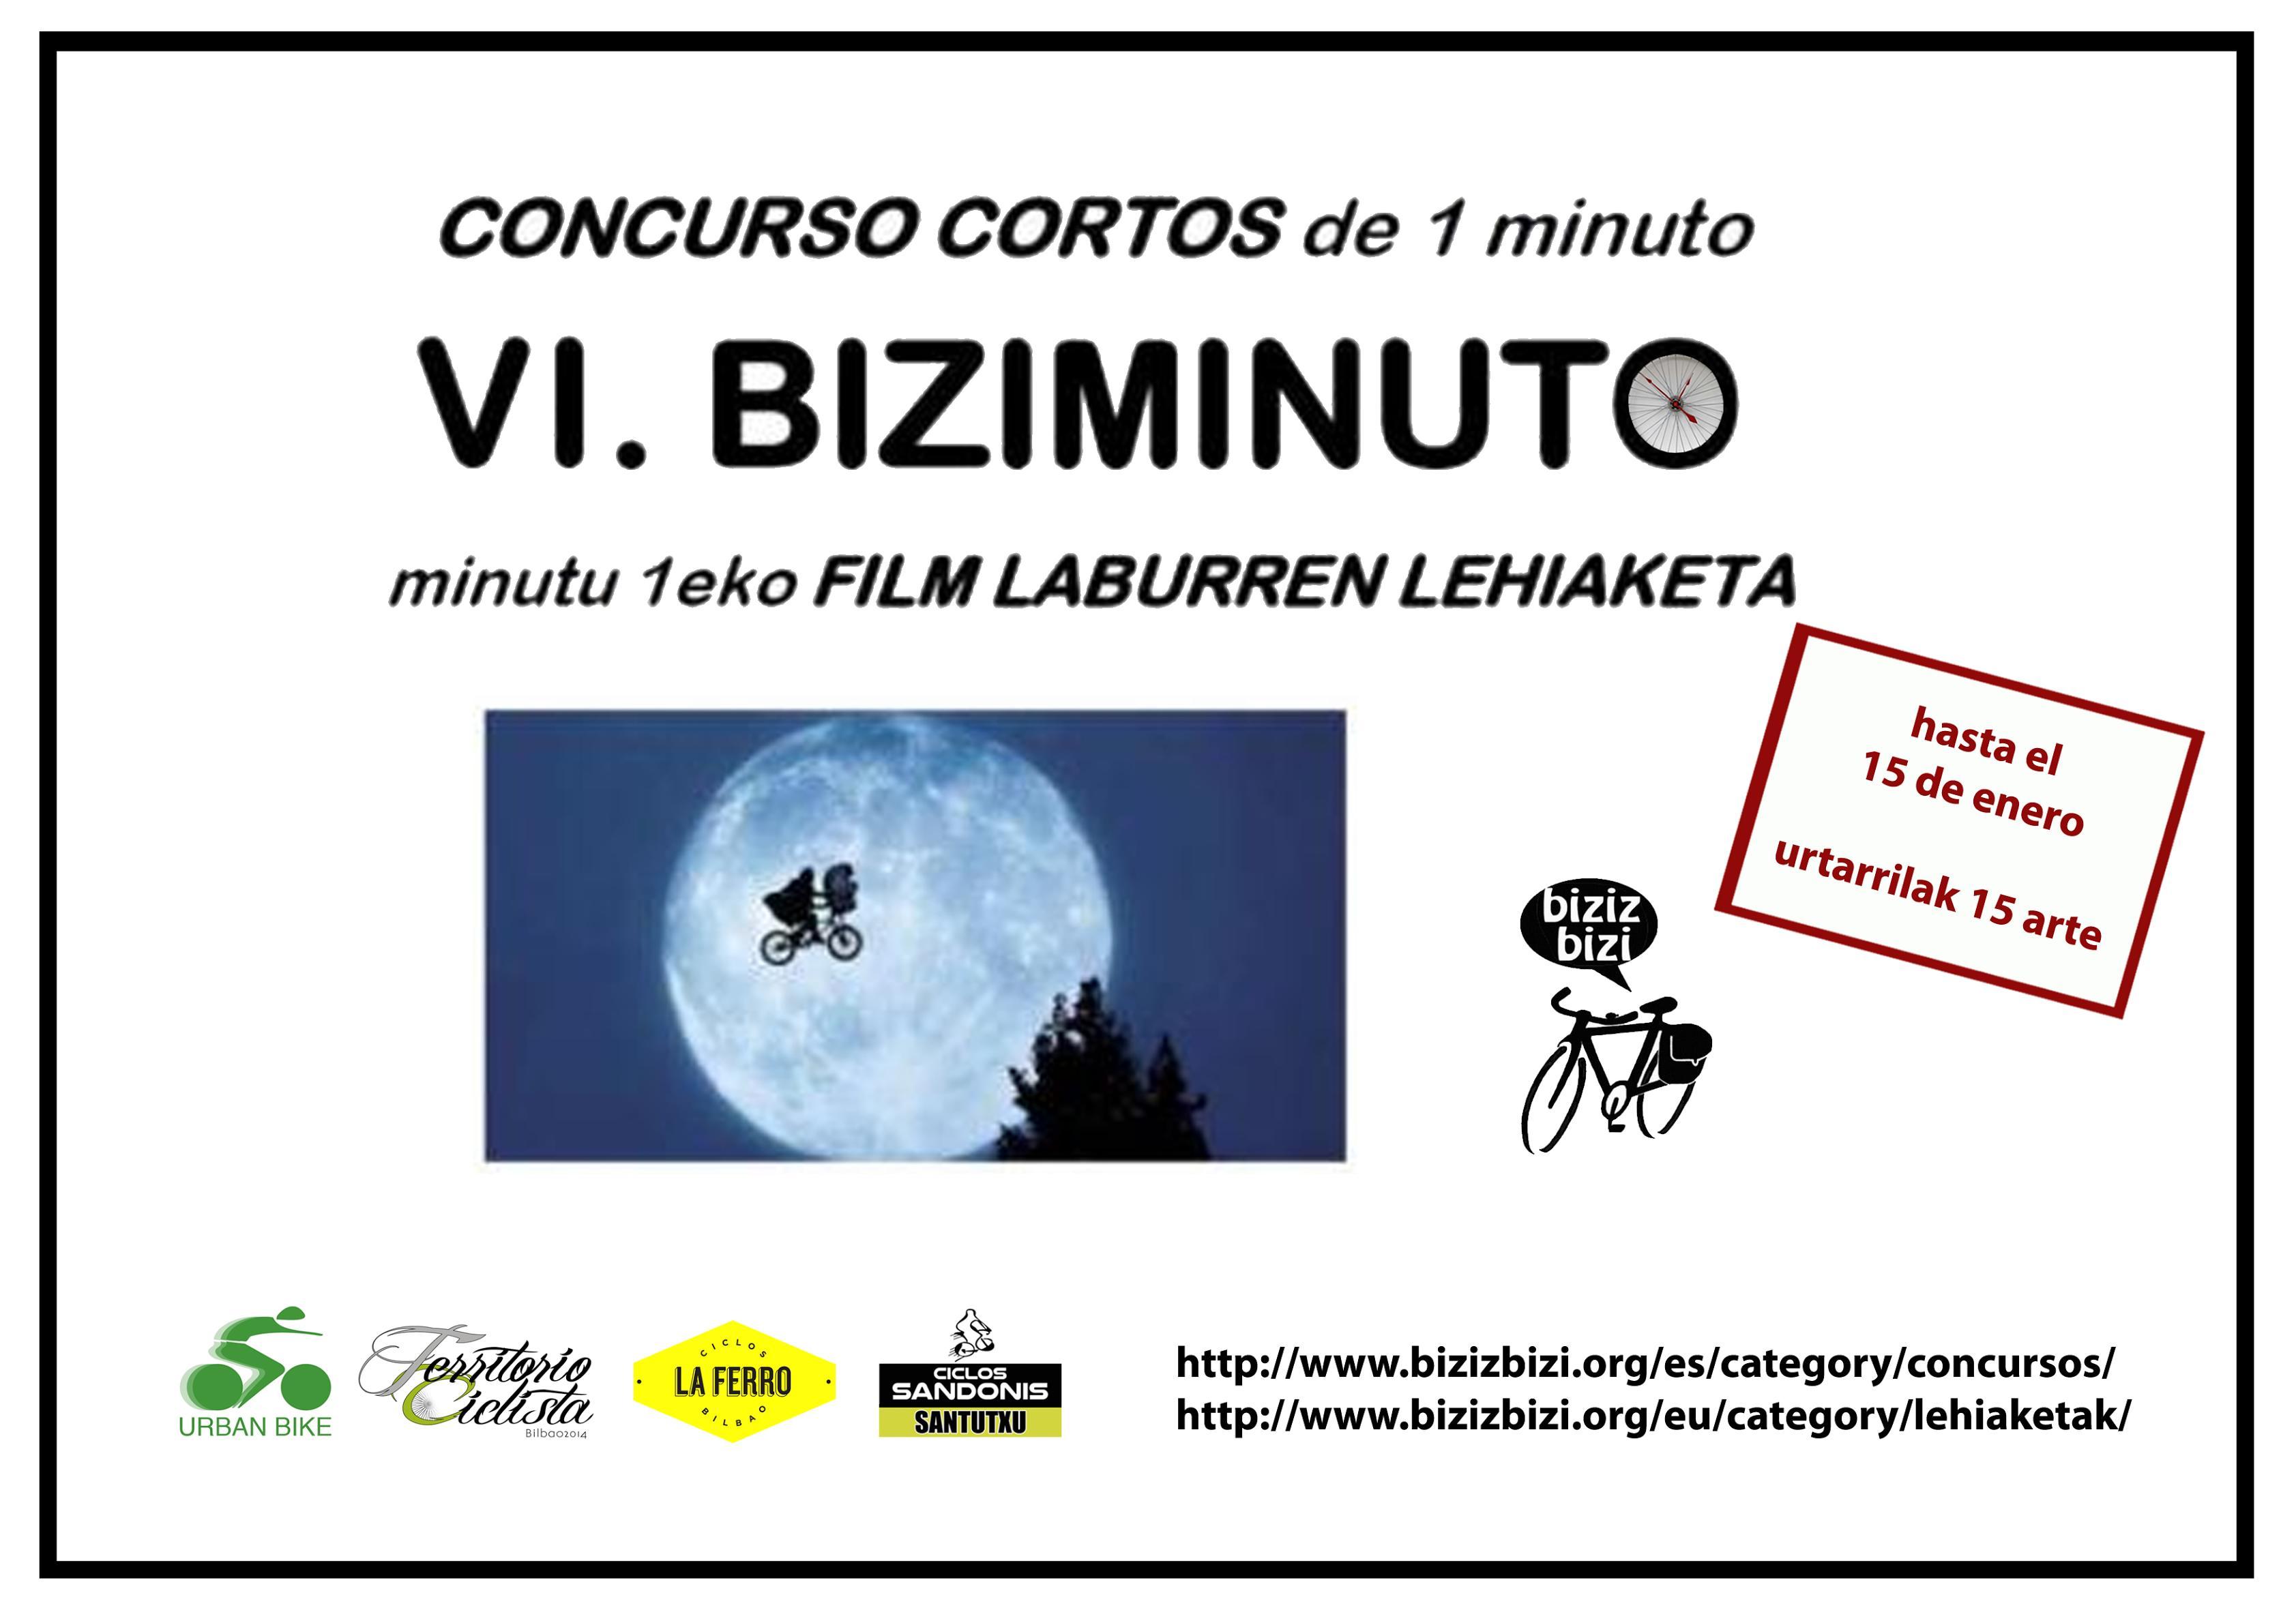 Cartel VI Biziminuto. Concurso de cortes de q minuto. Tema bicicleta